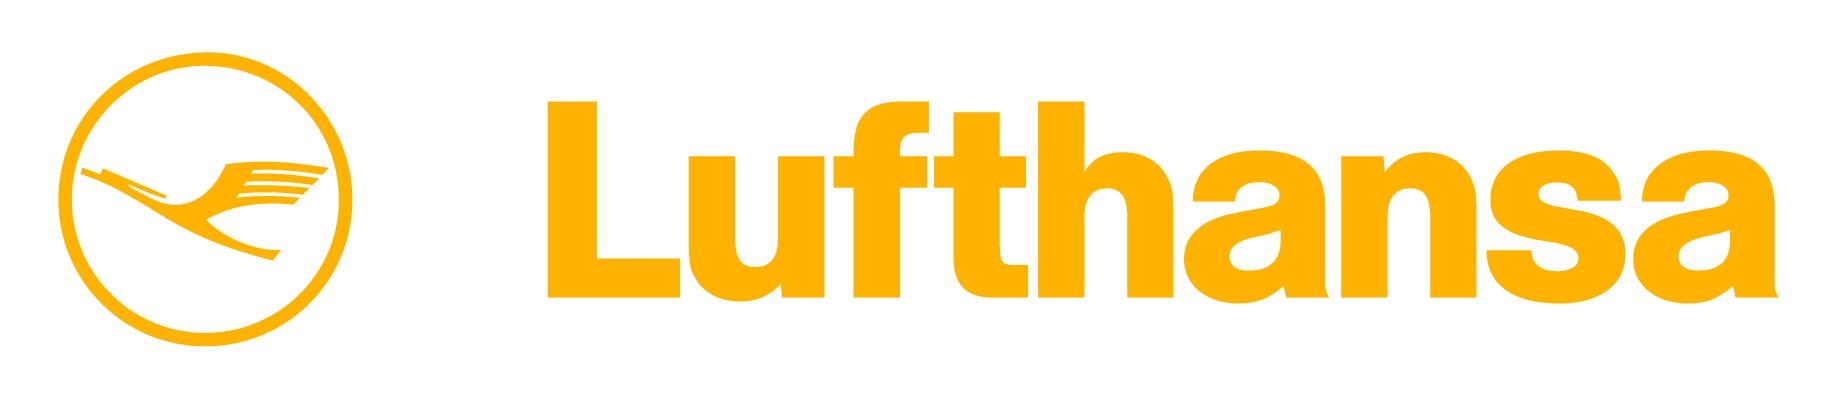 lufthansa-airline-logo-1.jpg